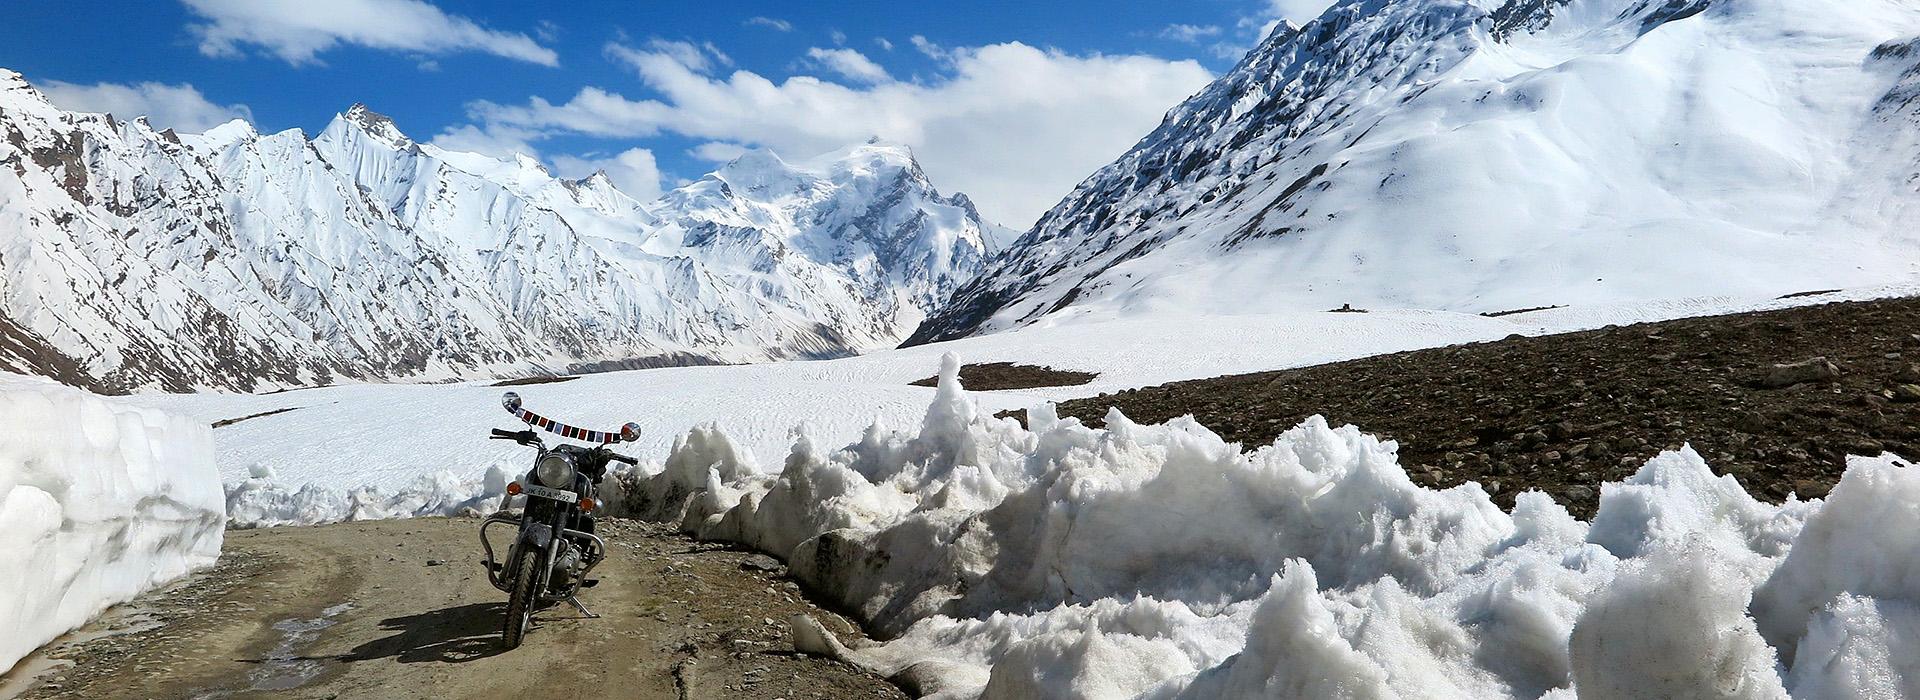 Laatst deelnemersbijeenkomst van de Himalaya Motorreizen 2018 van Travel 2 Explore